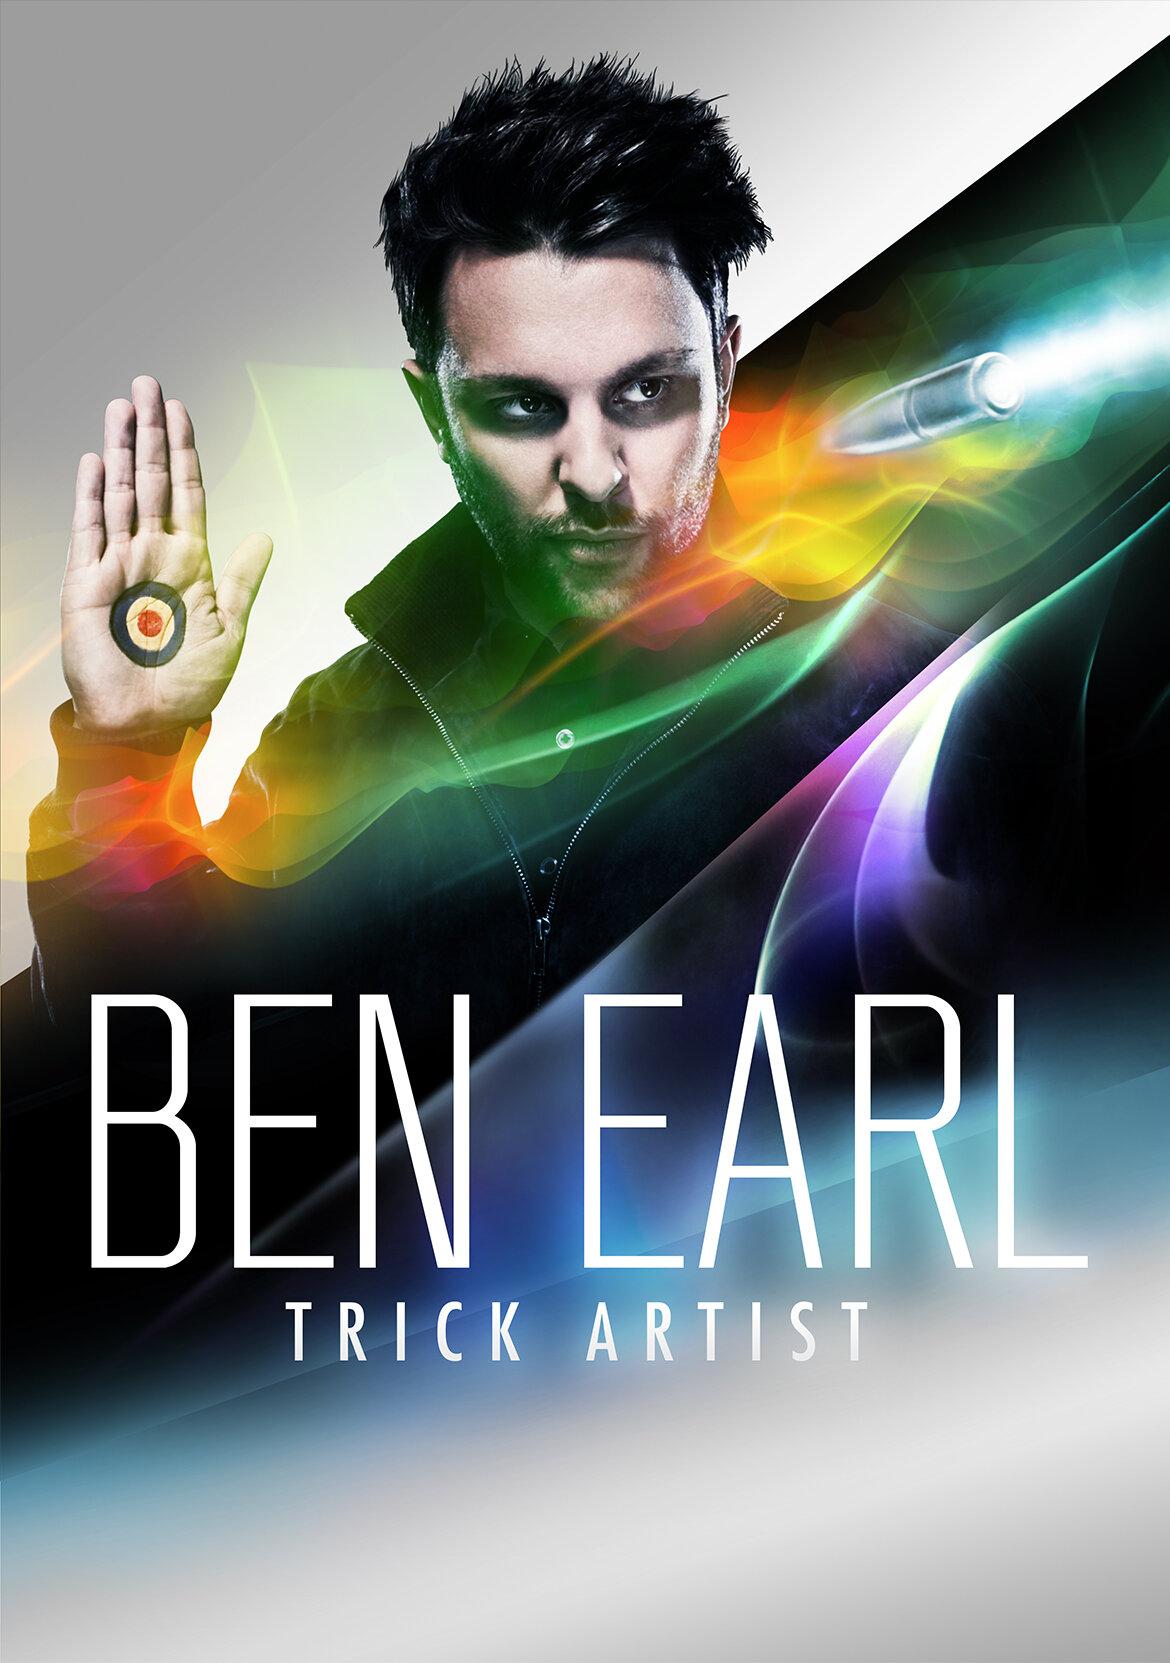 Ben_Earl_KeyArt2.jpg